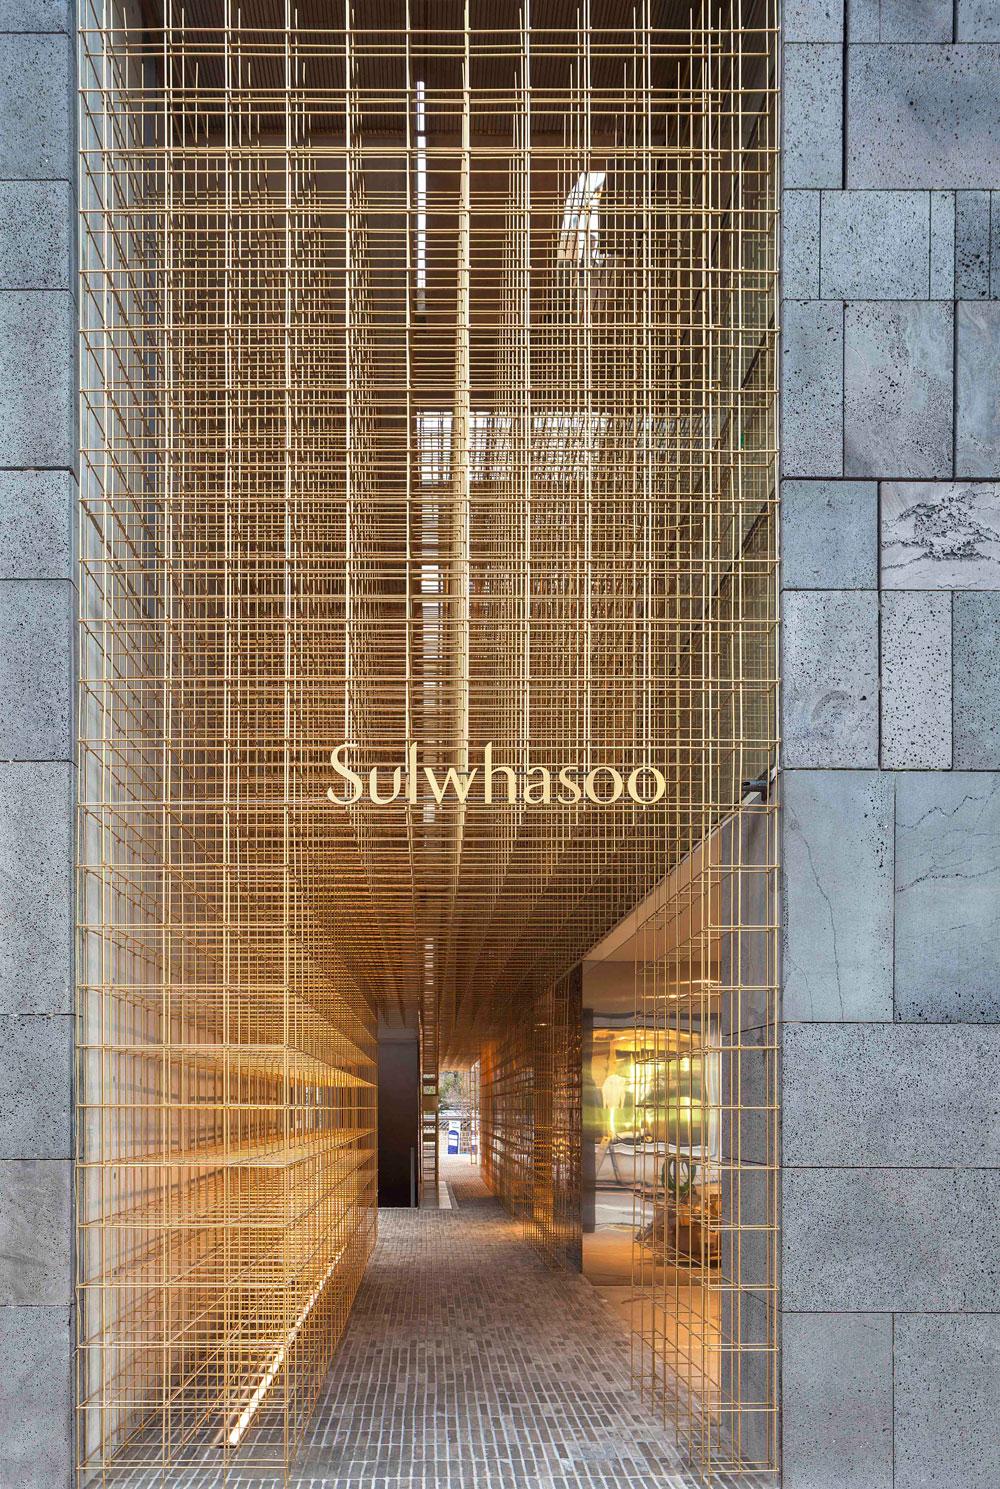 Sulwhasoo Flagship Store, Lyndon Neri